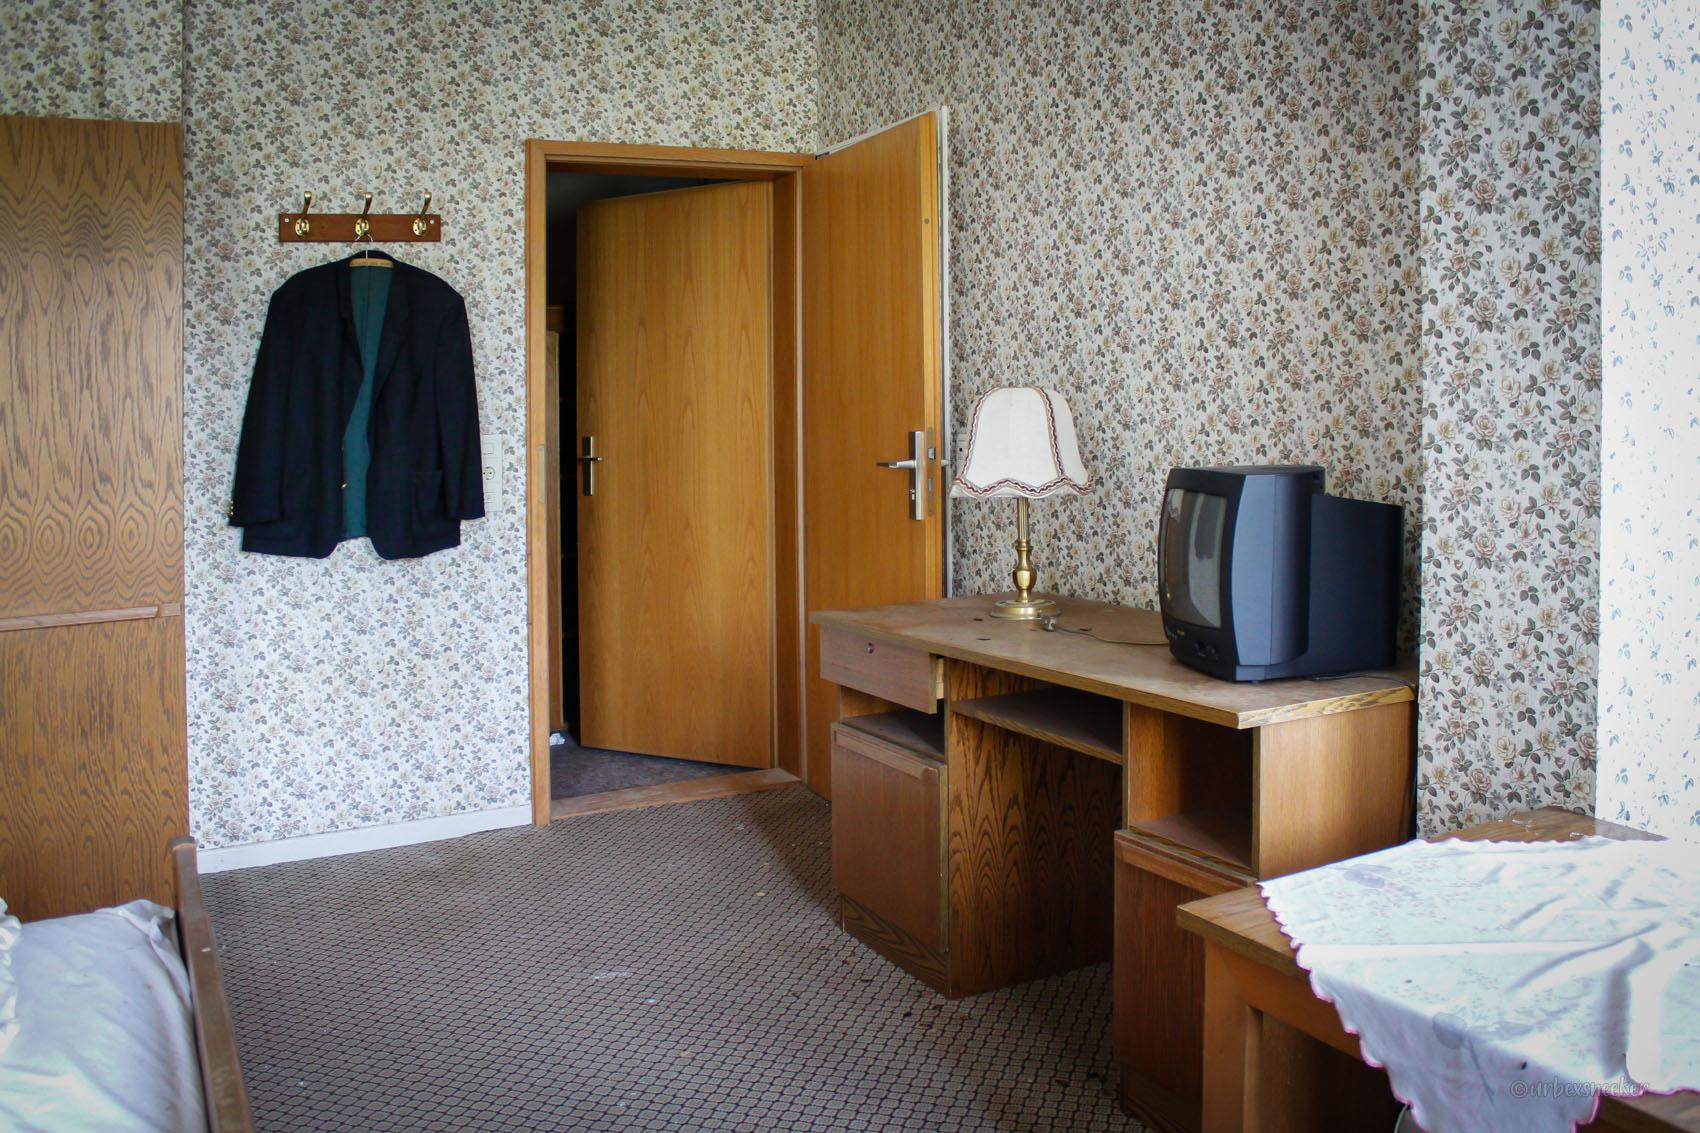 Hotel Teddy Jacke